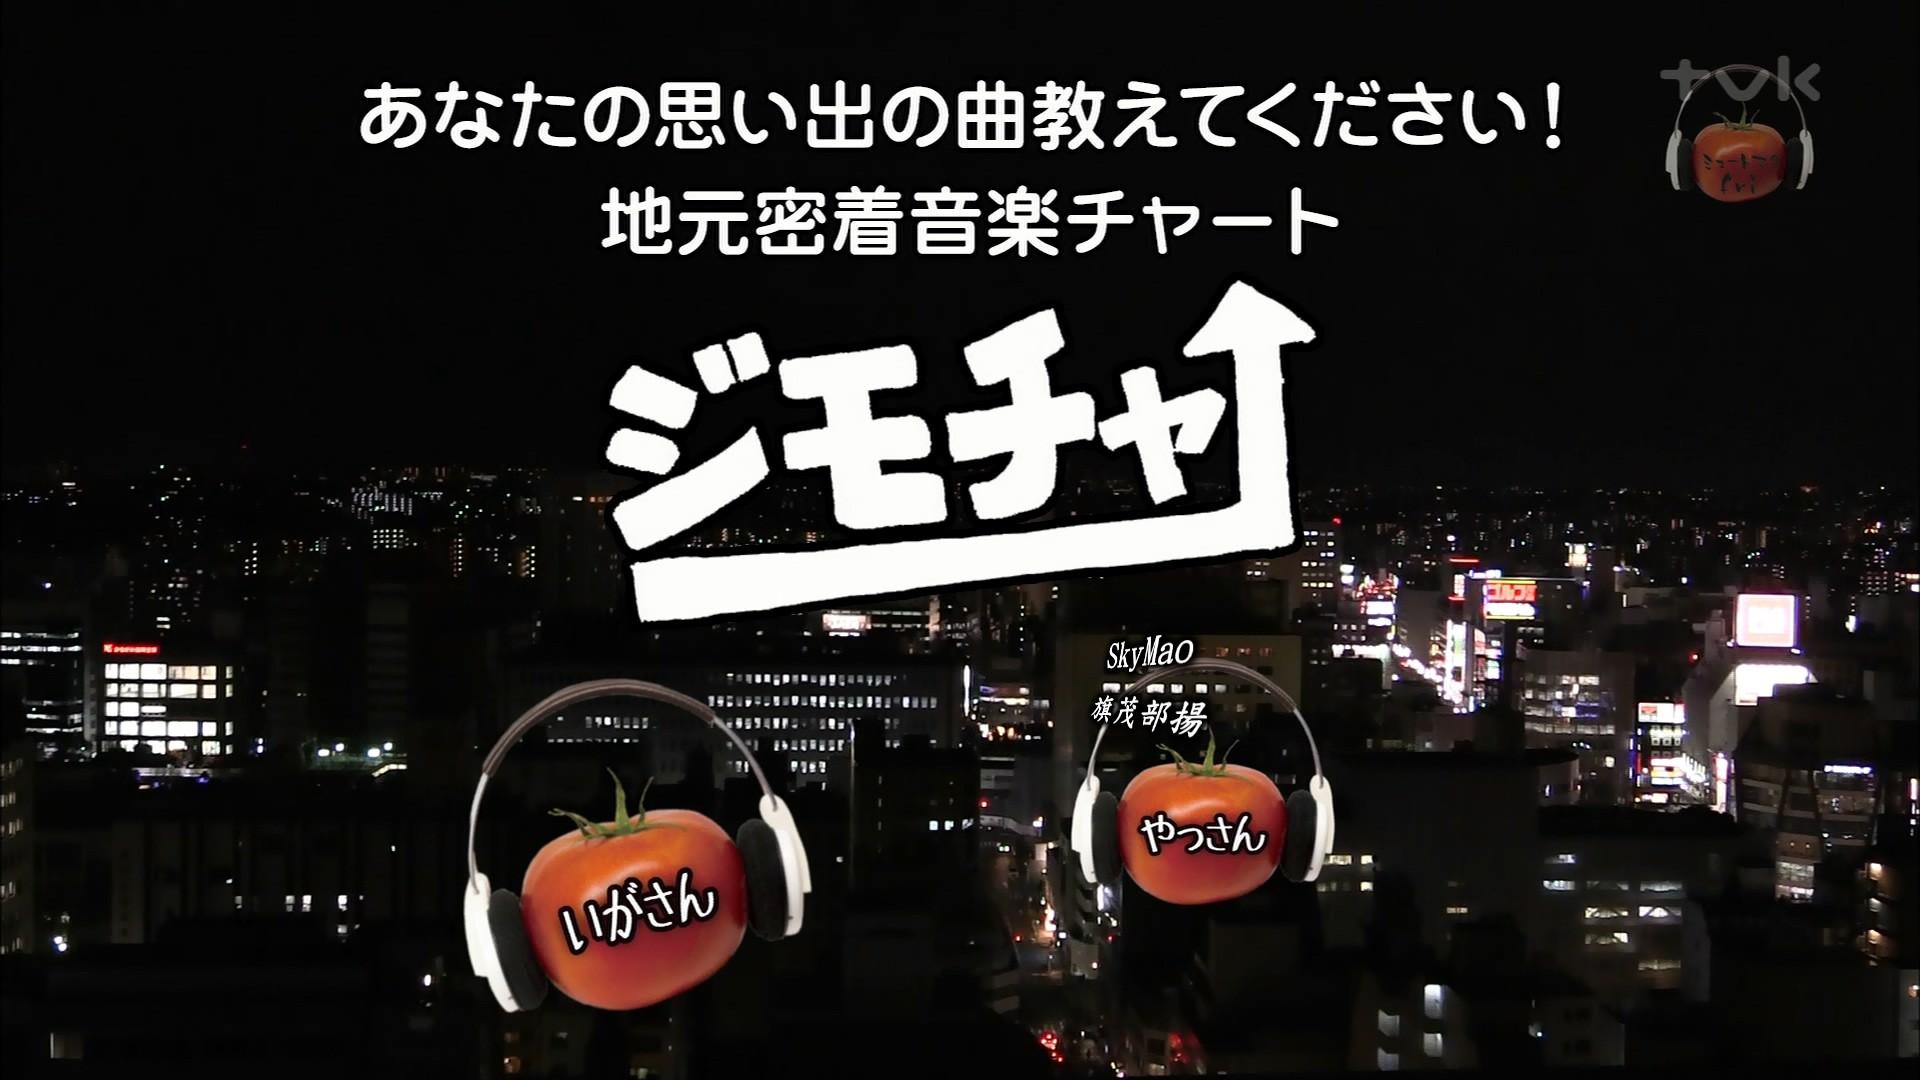 2017.12.01 全場(ミュートマ2).ts_20171202_091704.356